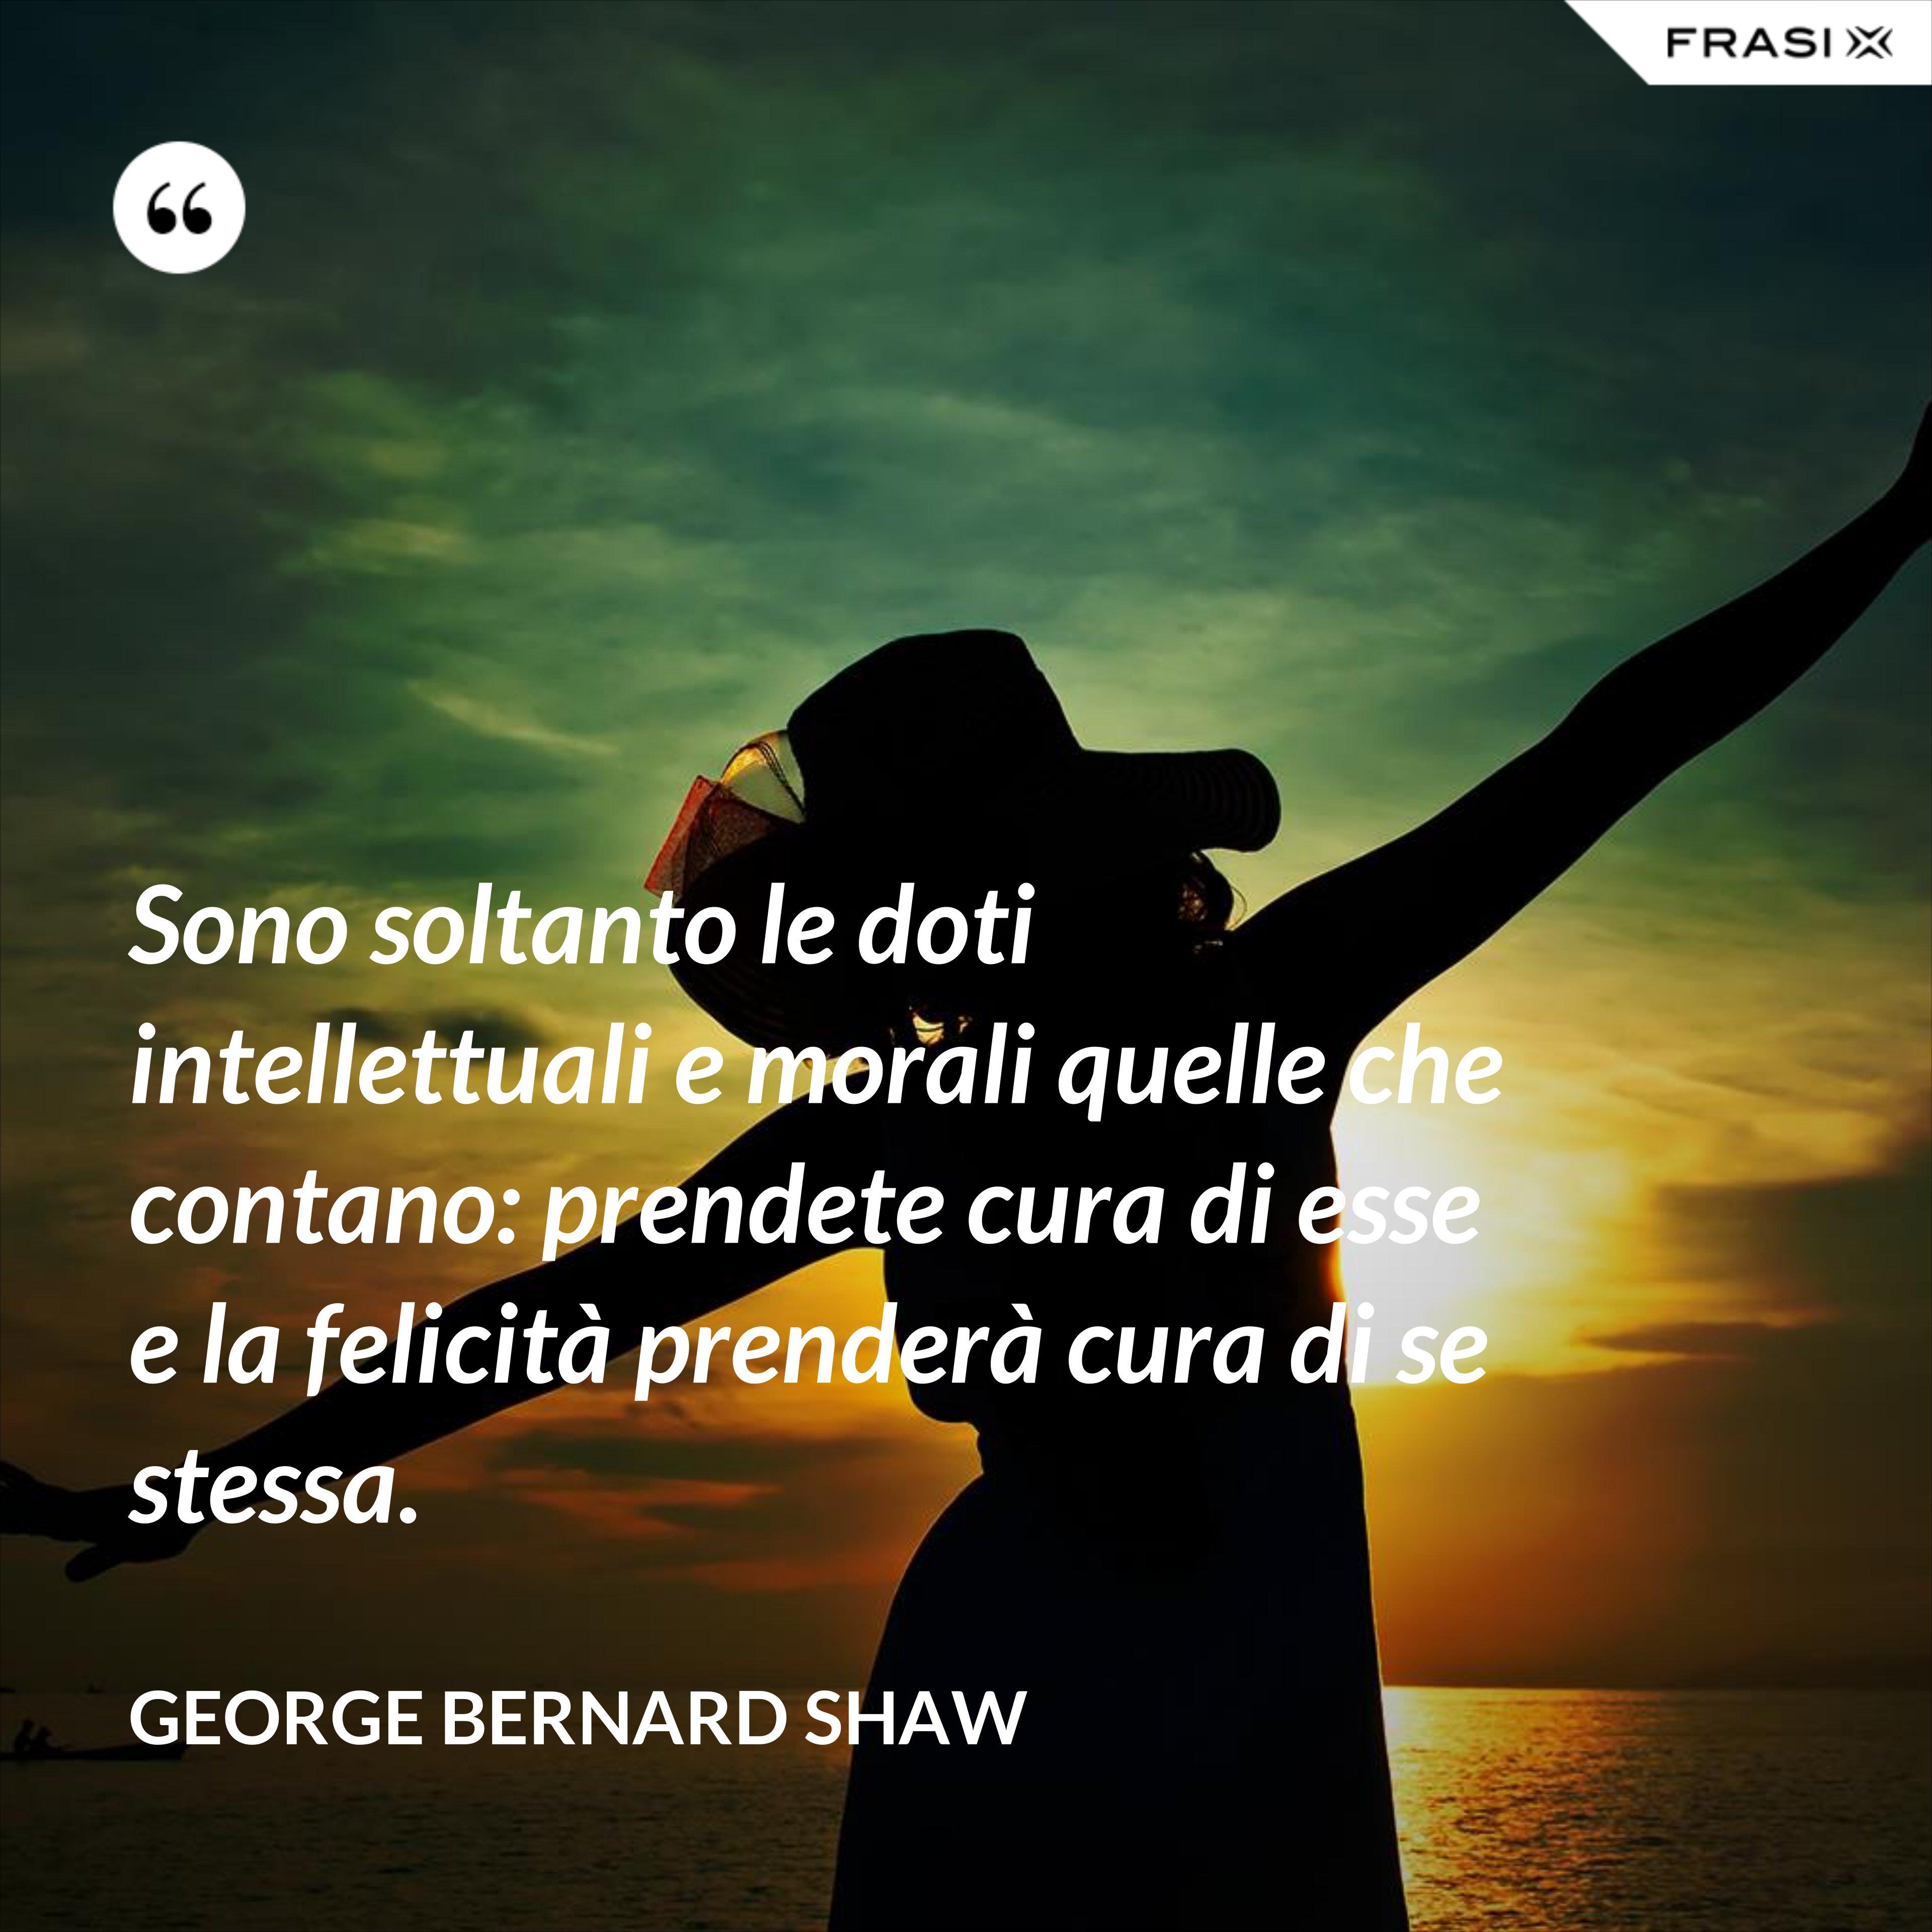 Sono soltanto le doti intellettuali e morali quelle che contano: prendete cura di esse e la felicità prenderà cura di se stessa. - George Bernard Shaw